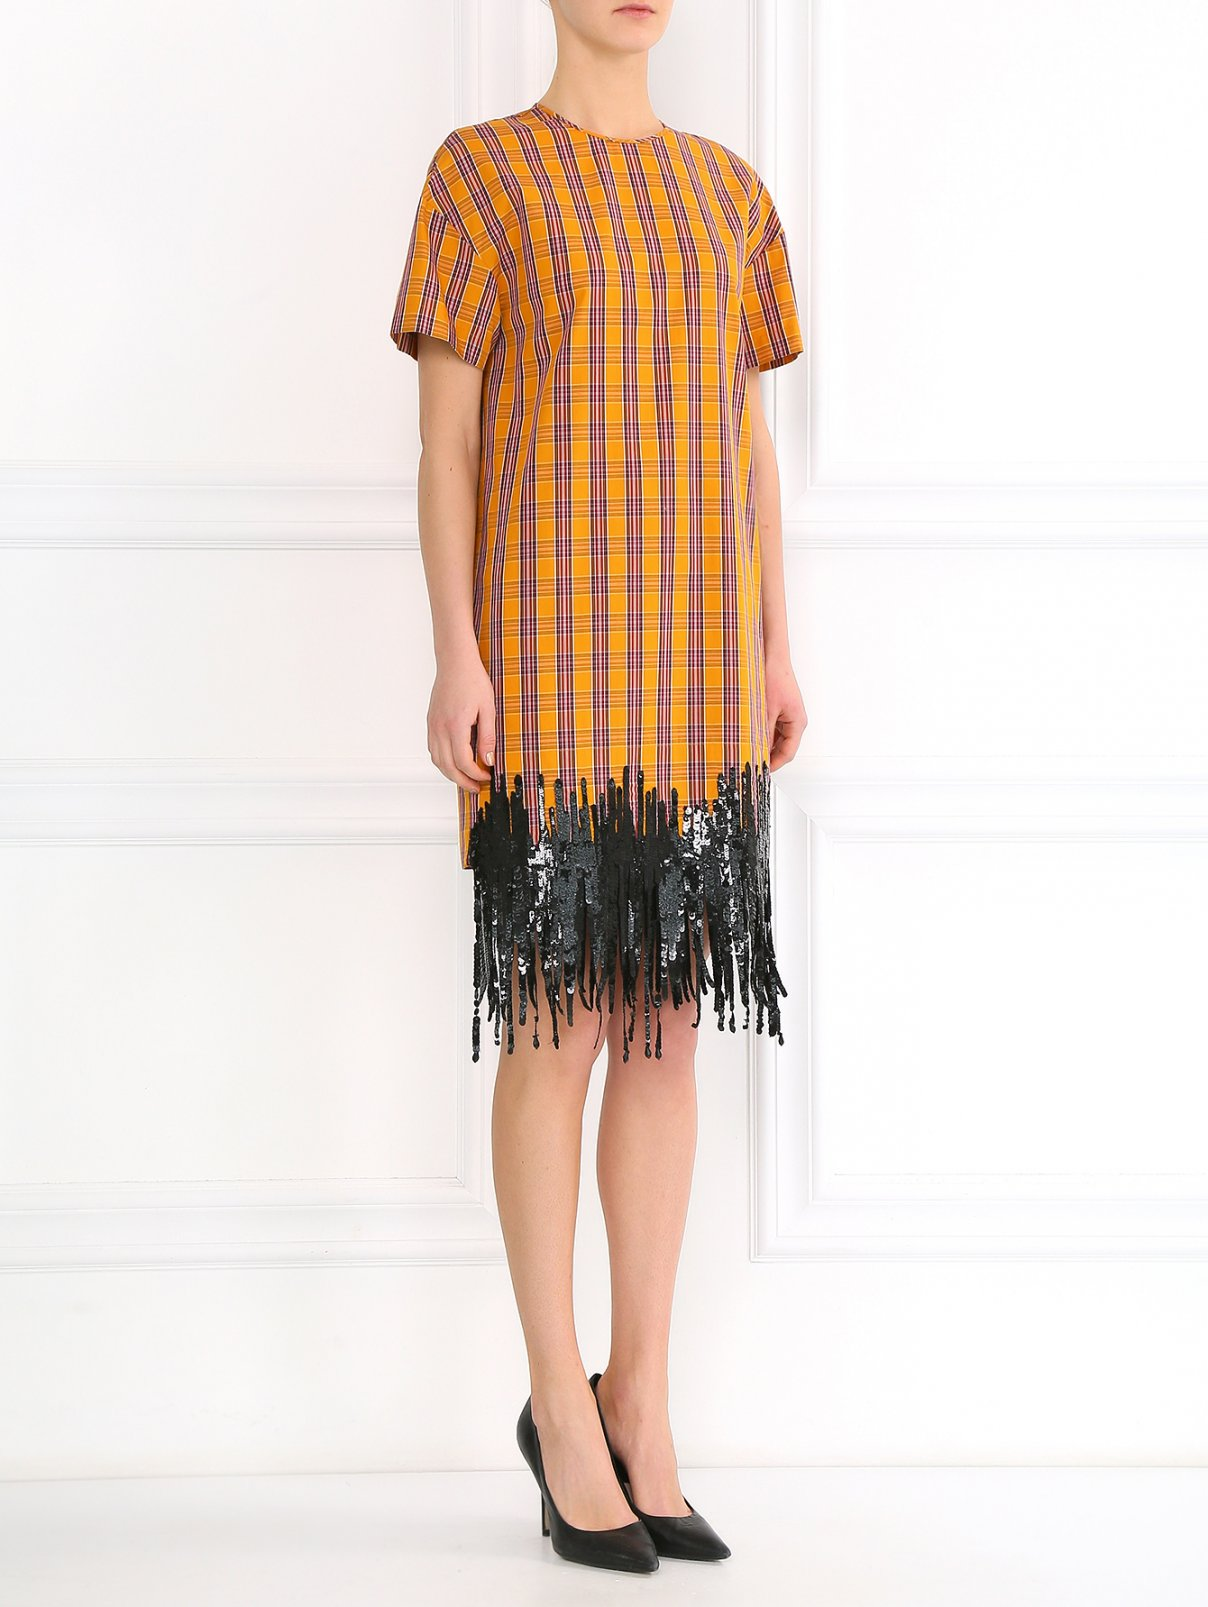 Платье-мини из хлопка декорированное пайетками N21  –  Модель Общий вид  – Цвет:  Оранжевый